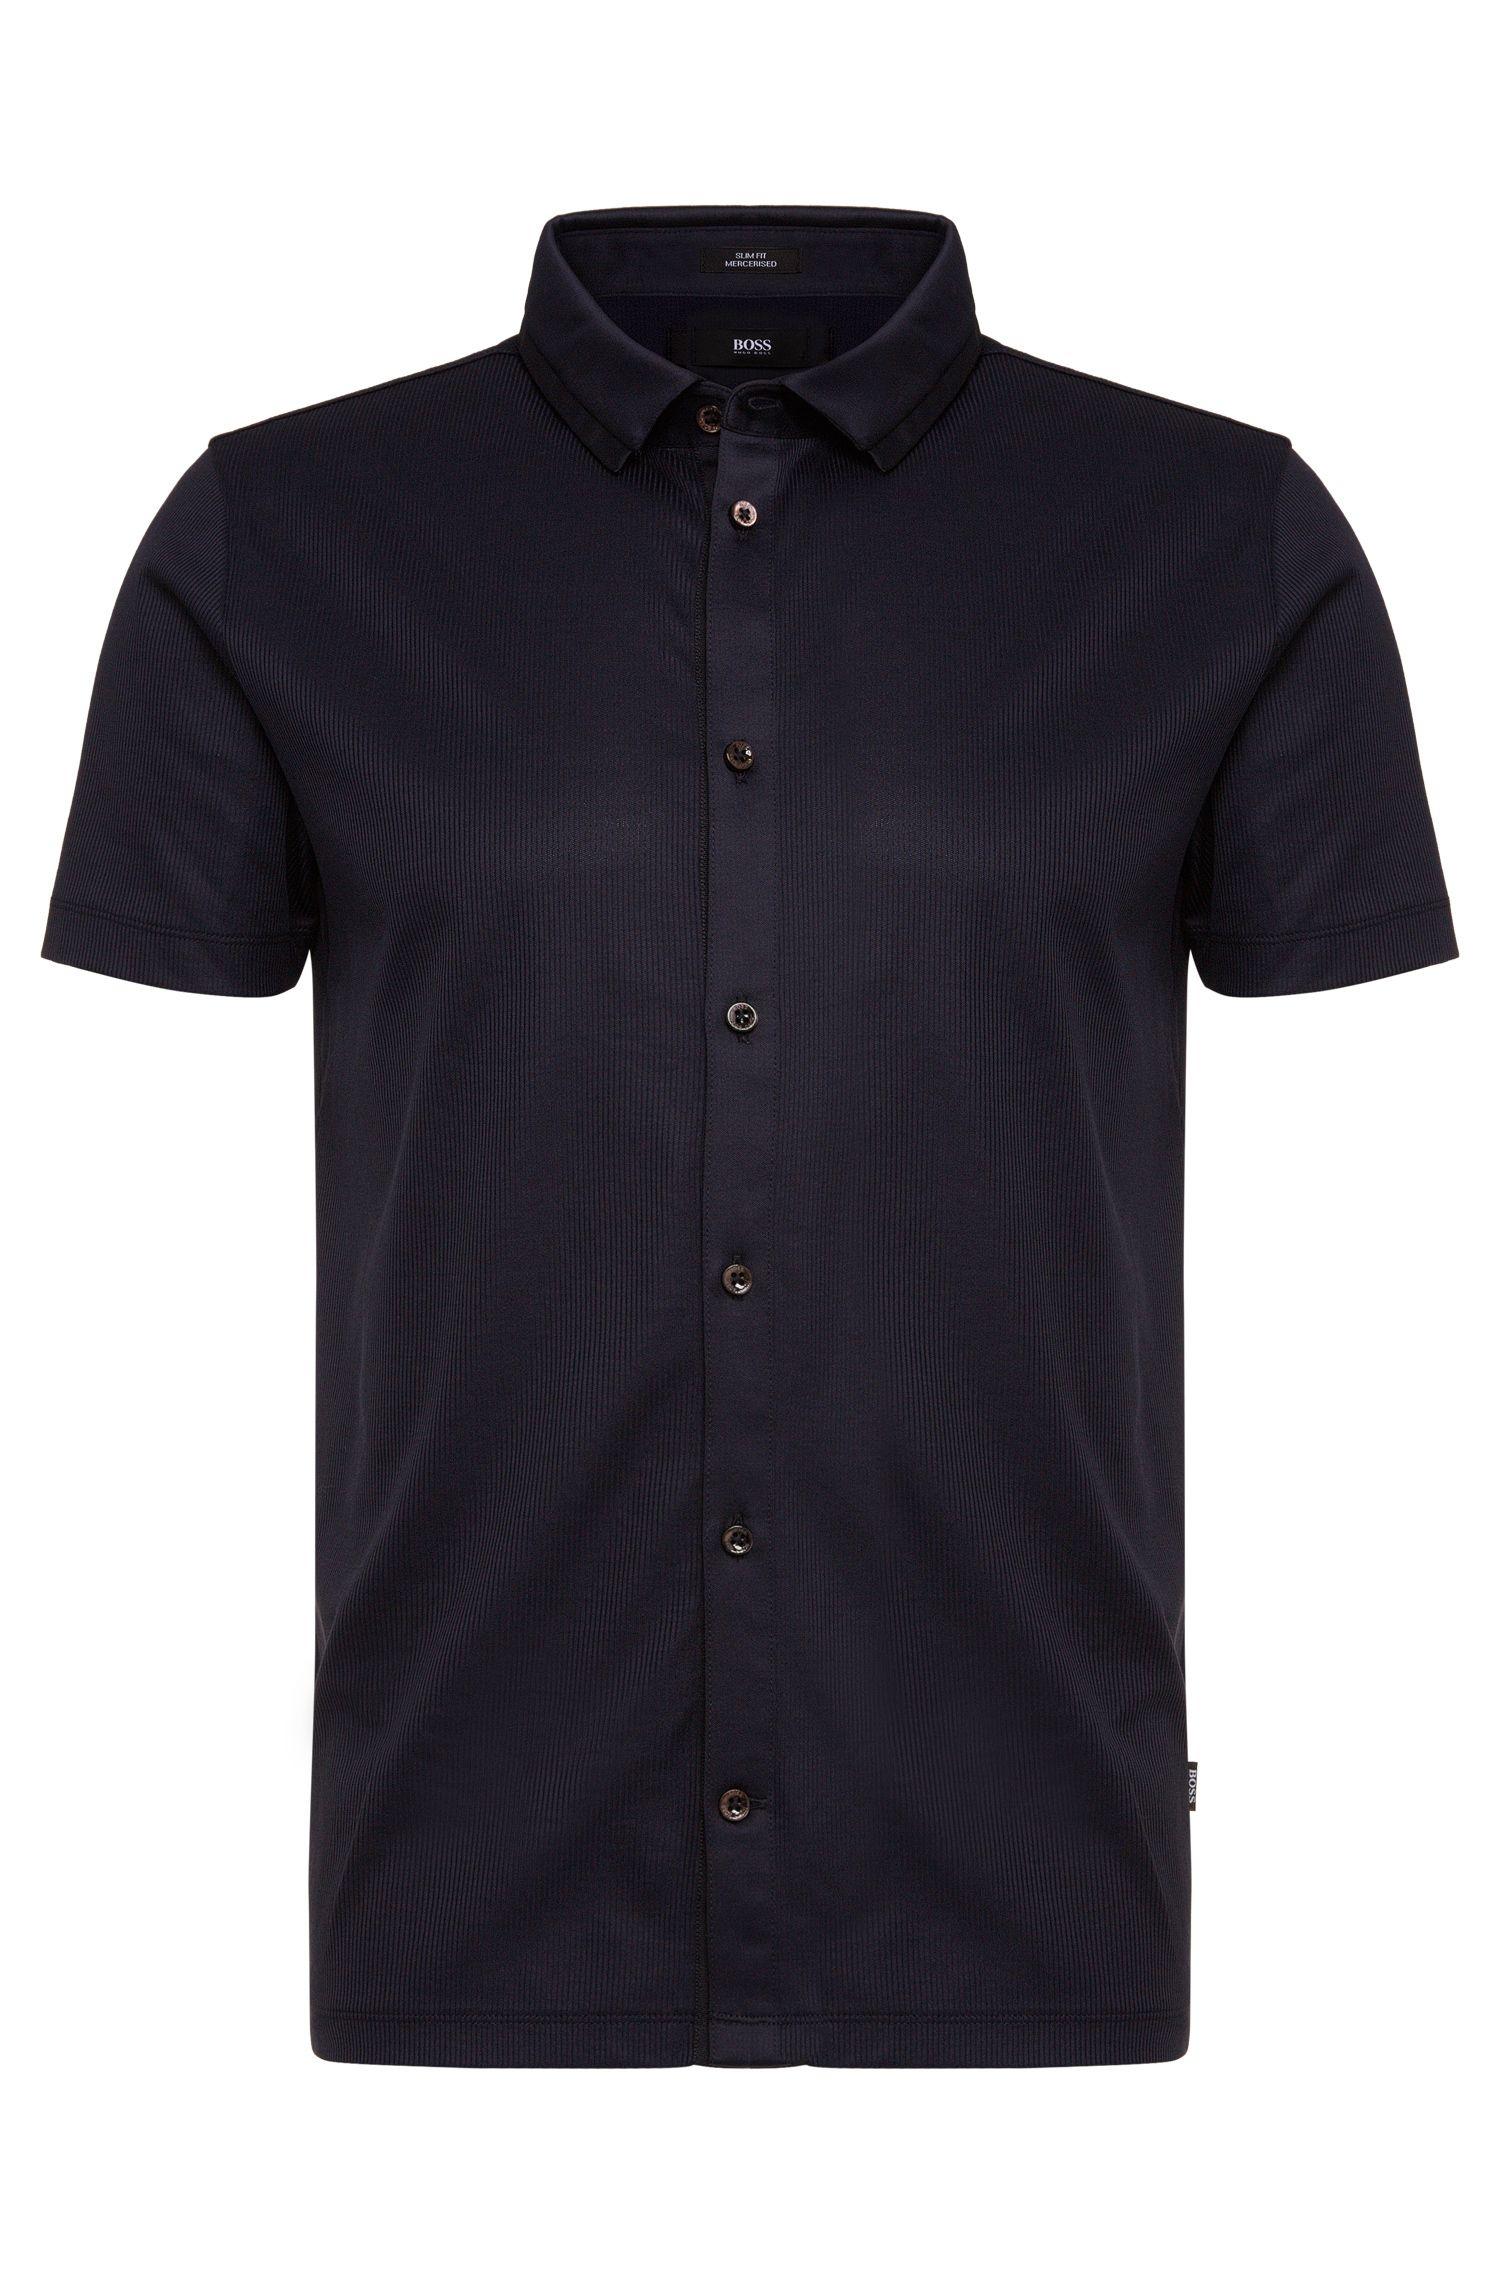 Geknöpftes Slim-Fit Poloshirt aus Baumwolle: 'Puno 02'